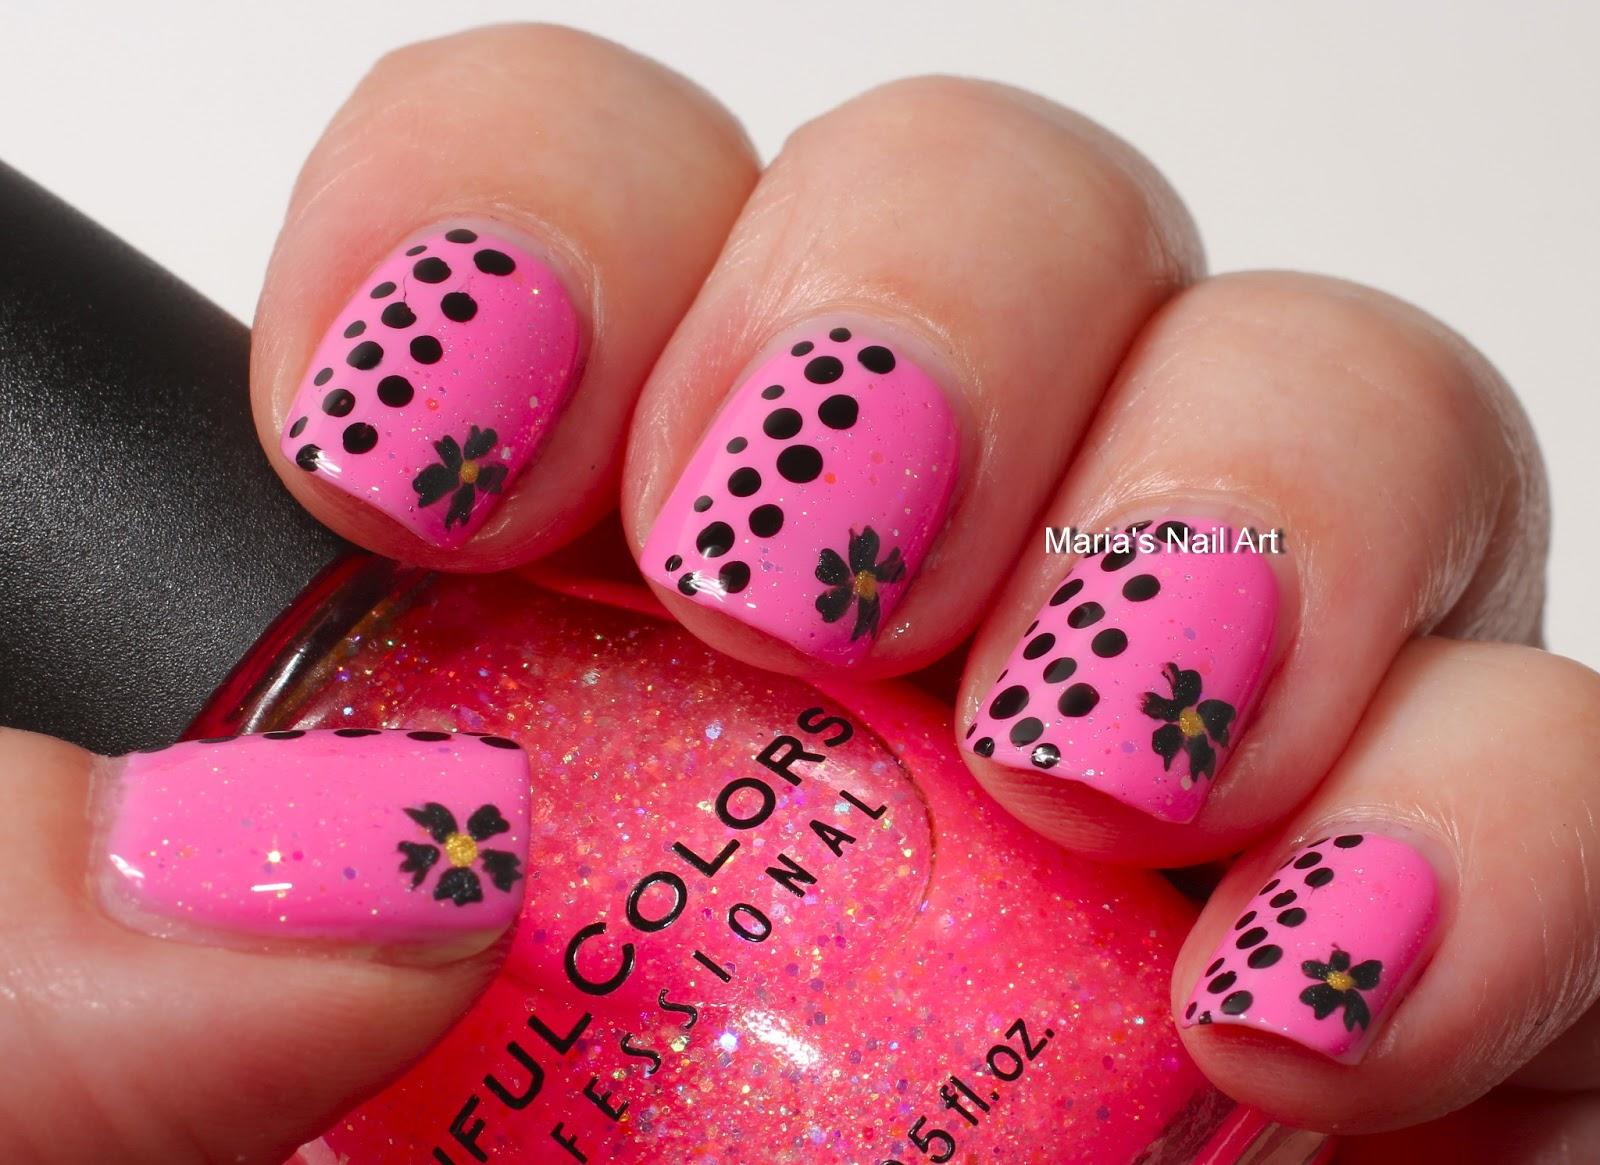 Marias nail art and polish blog pink glitter dots and the marias nail art and polish blog prinsesfo Gallery